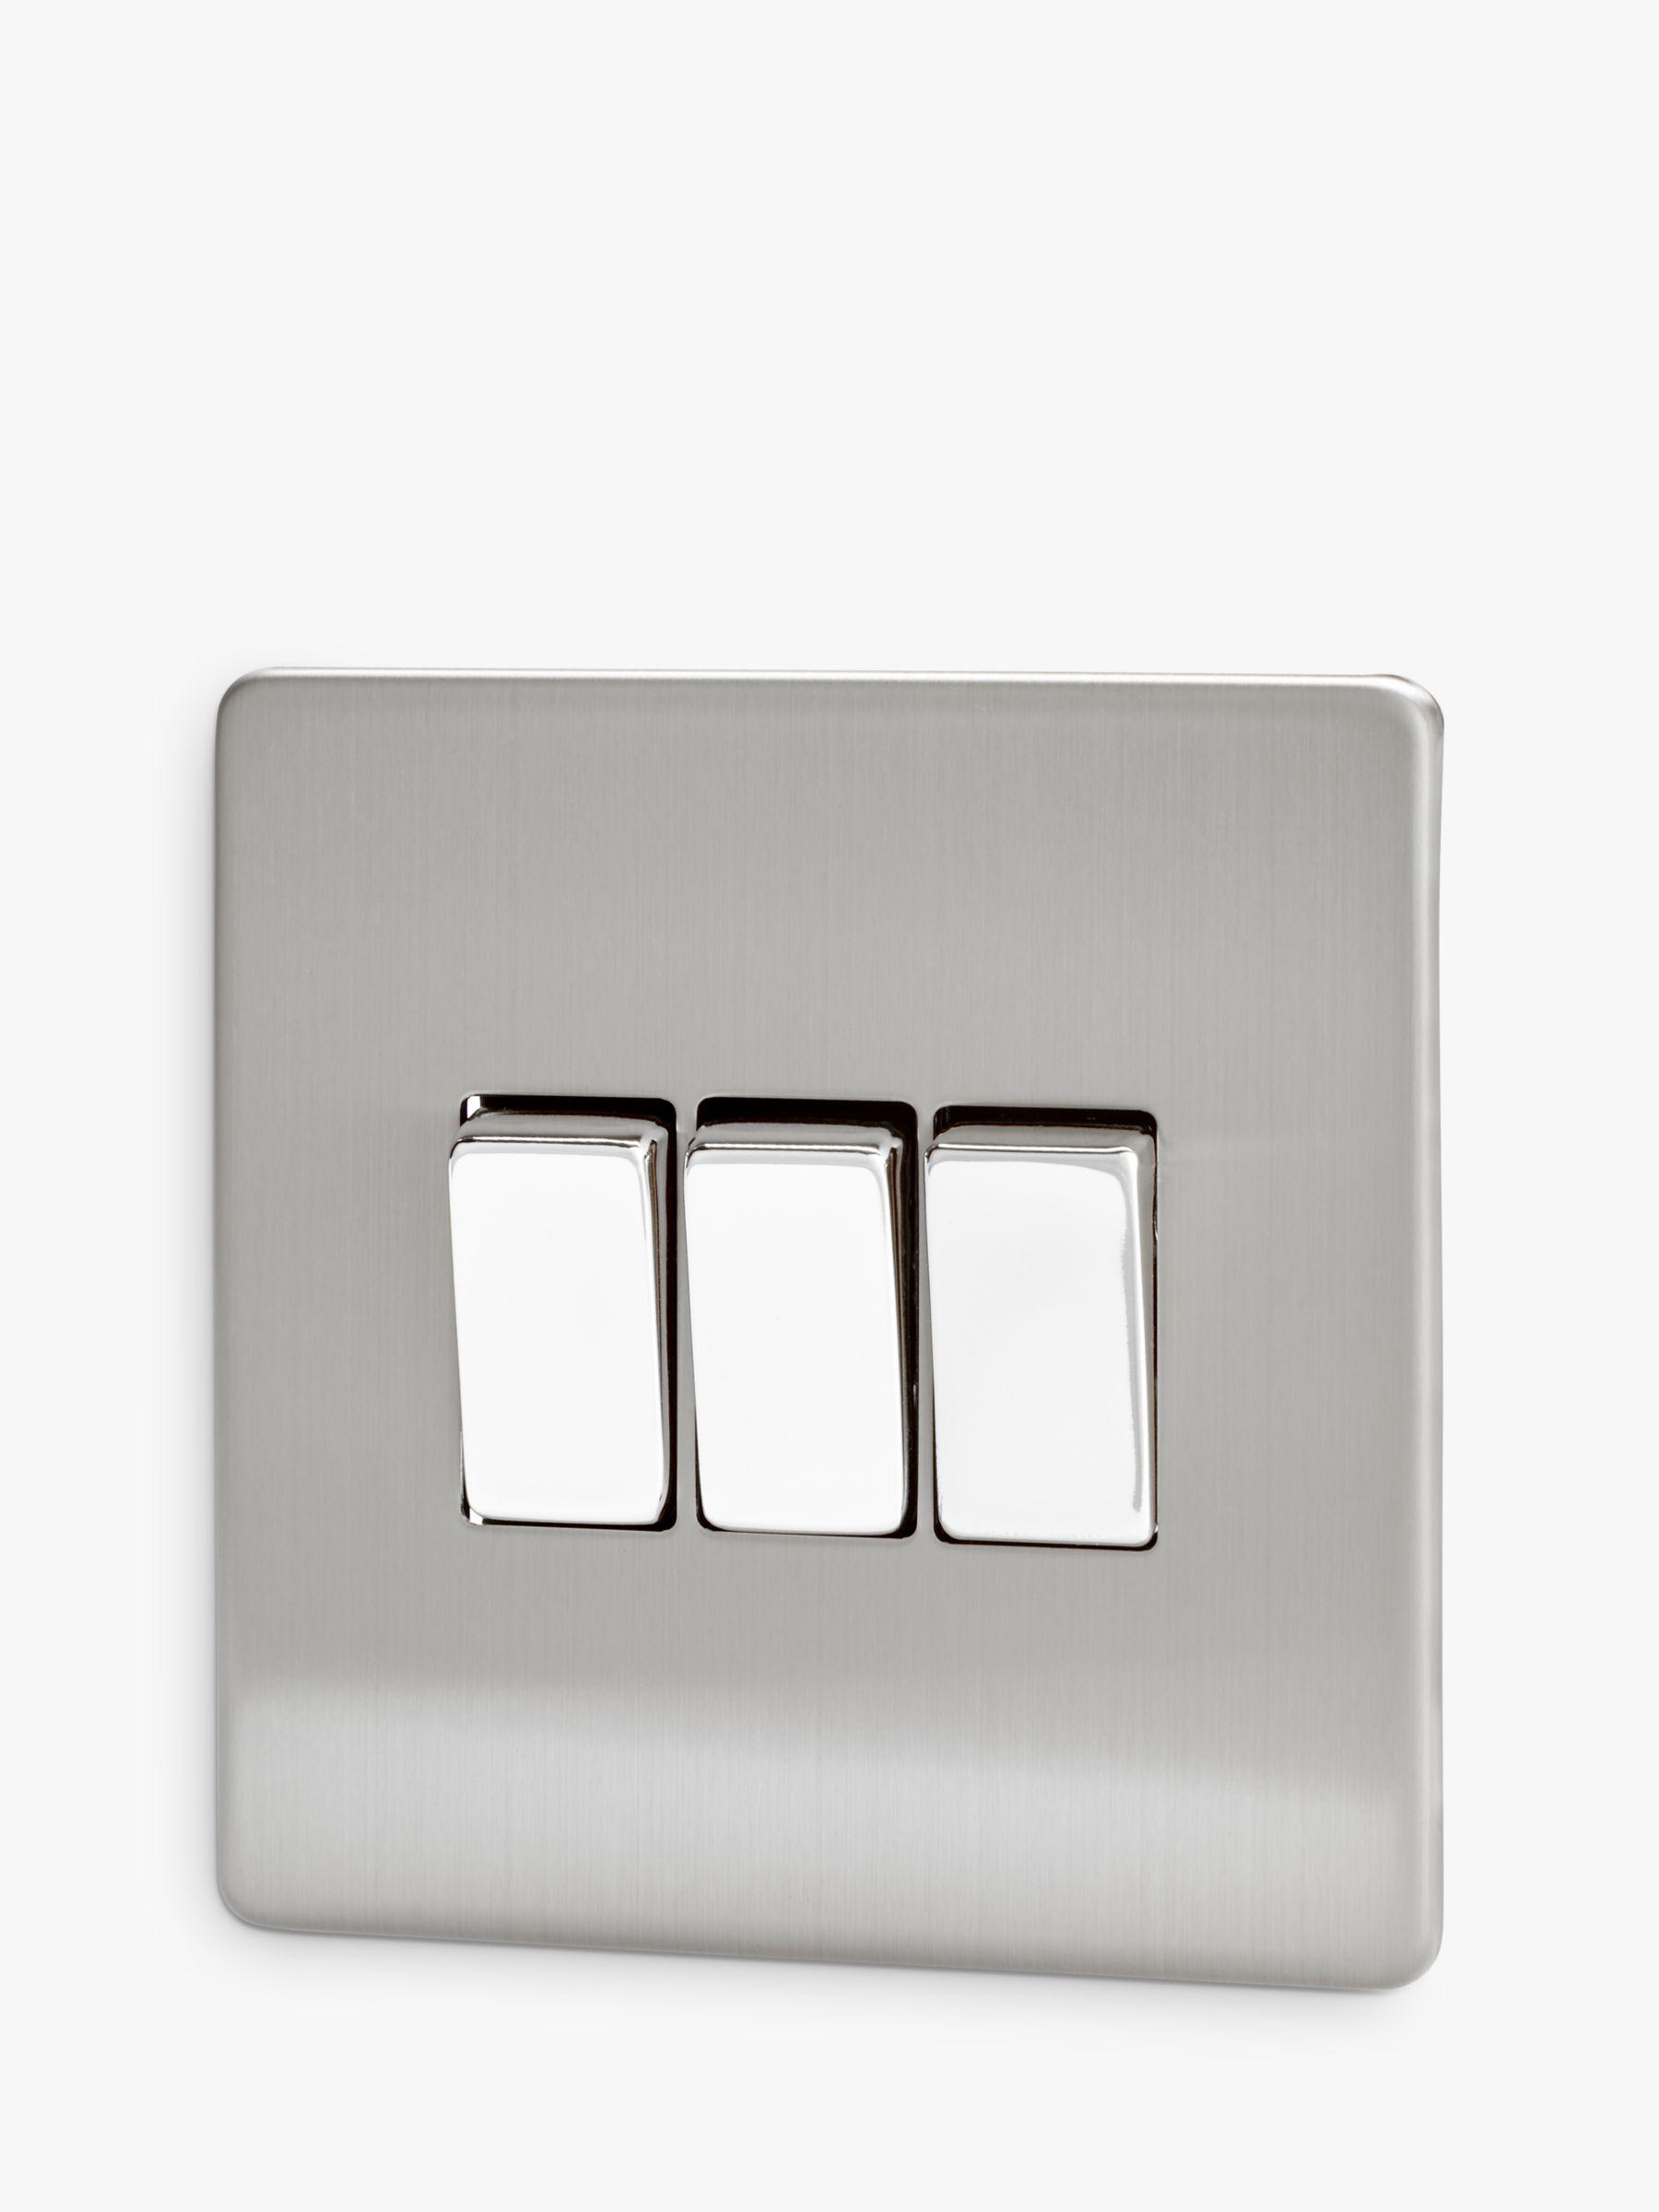 Varilight Varilight 3 Gang 2-Way Rocker Switch, Brushed Steel